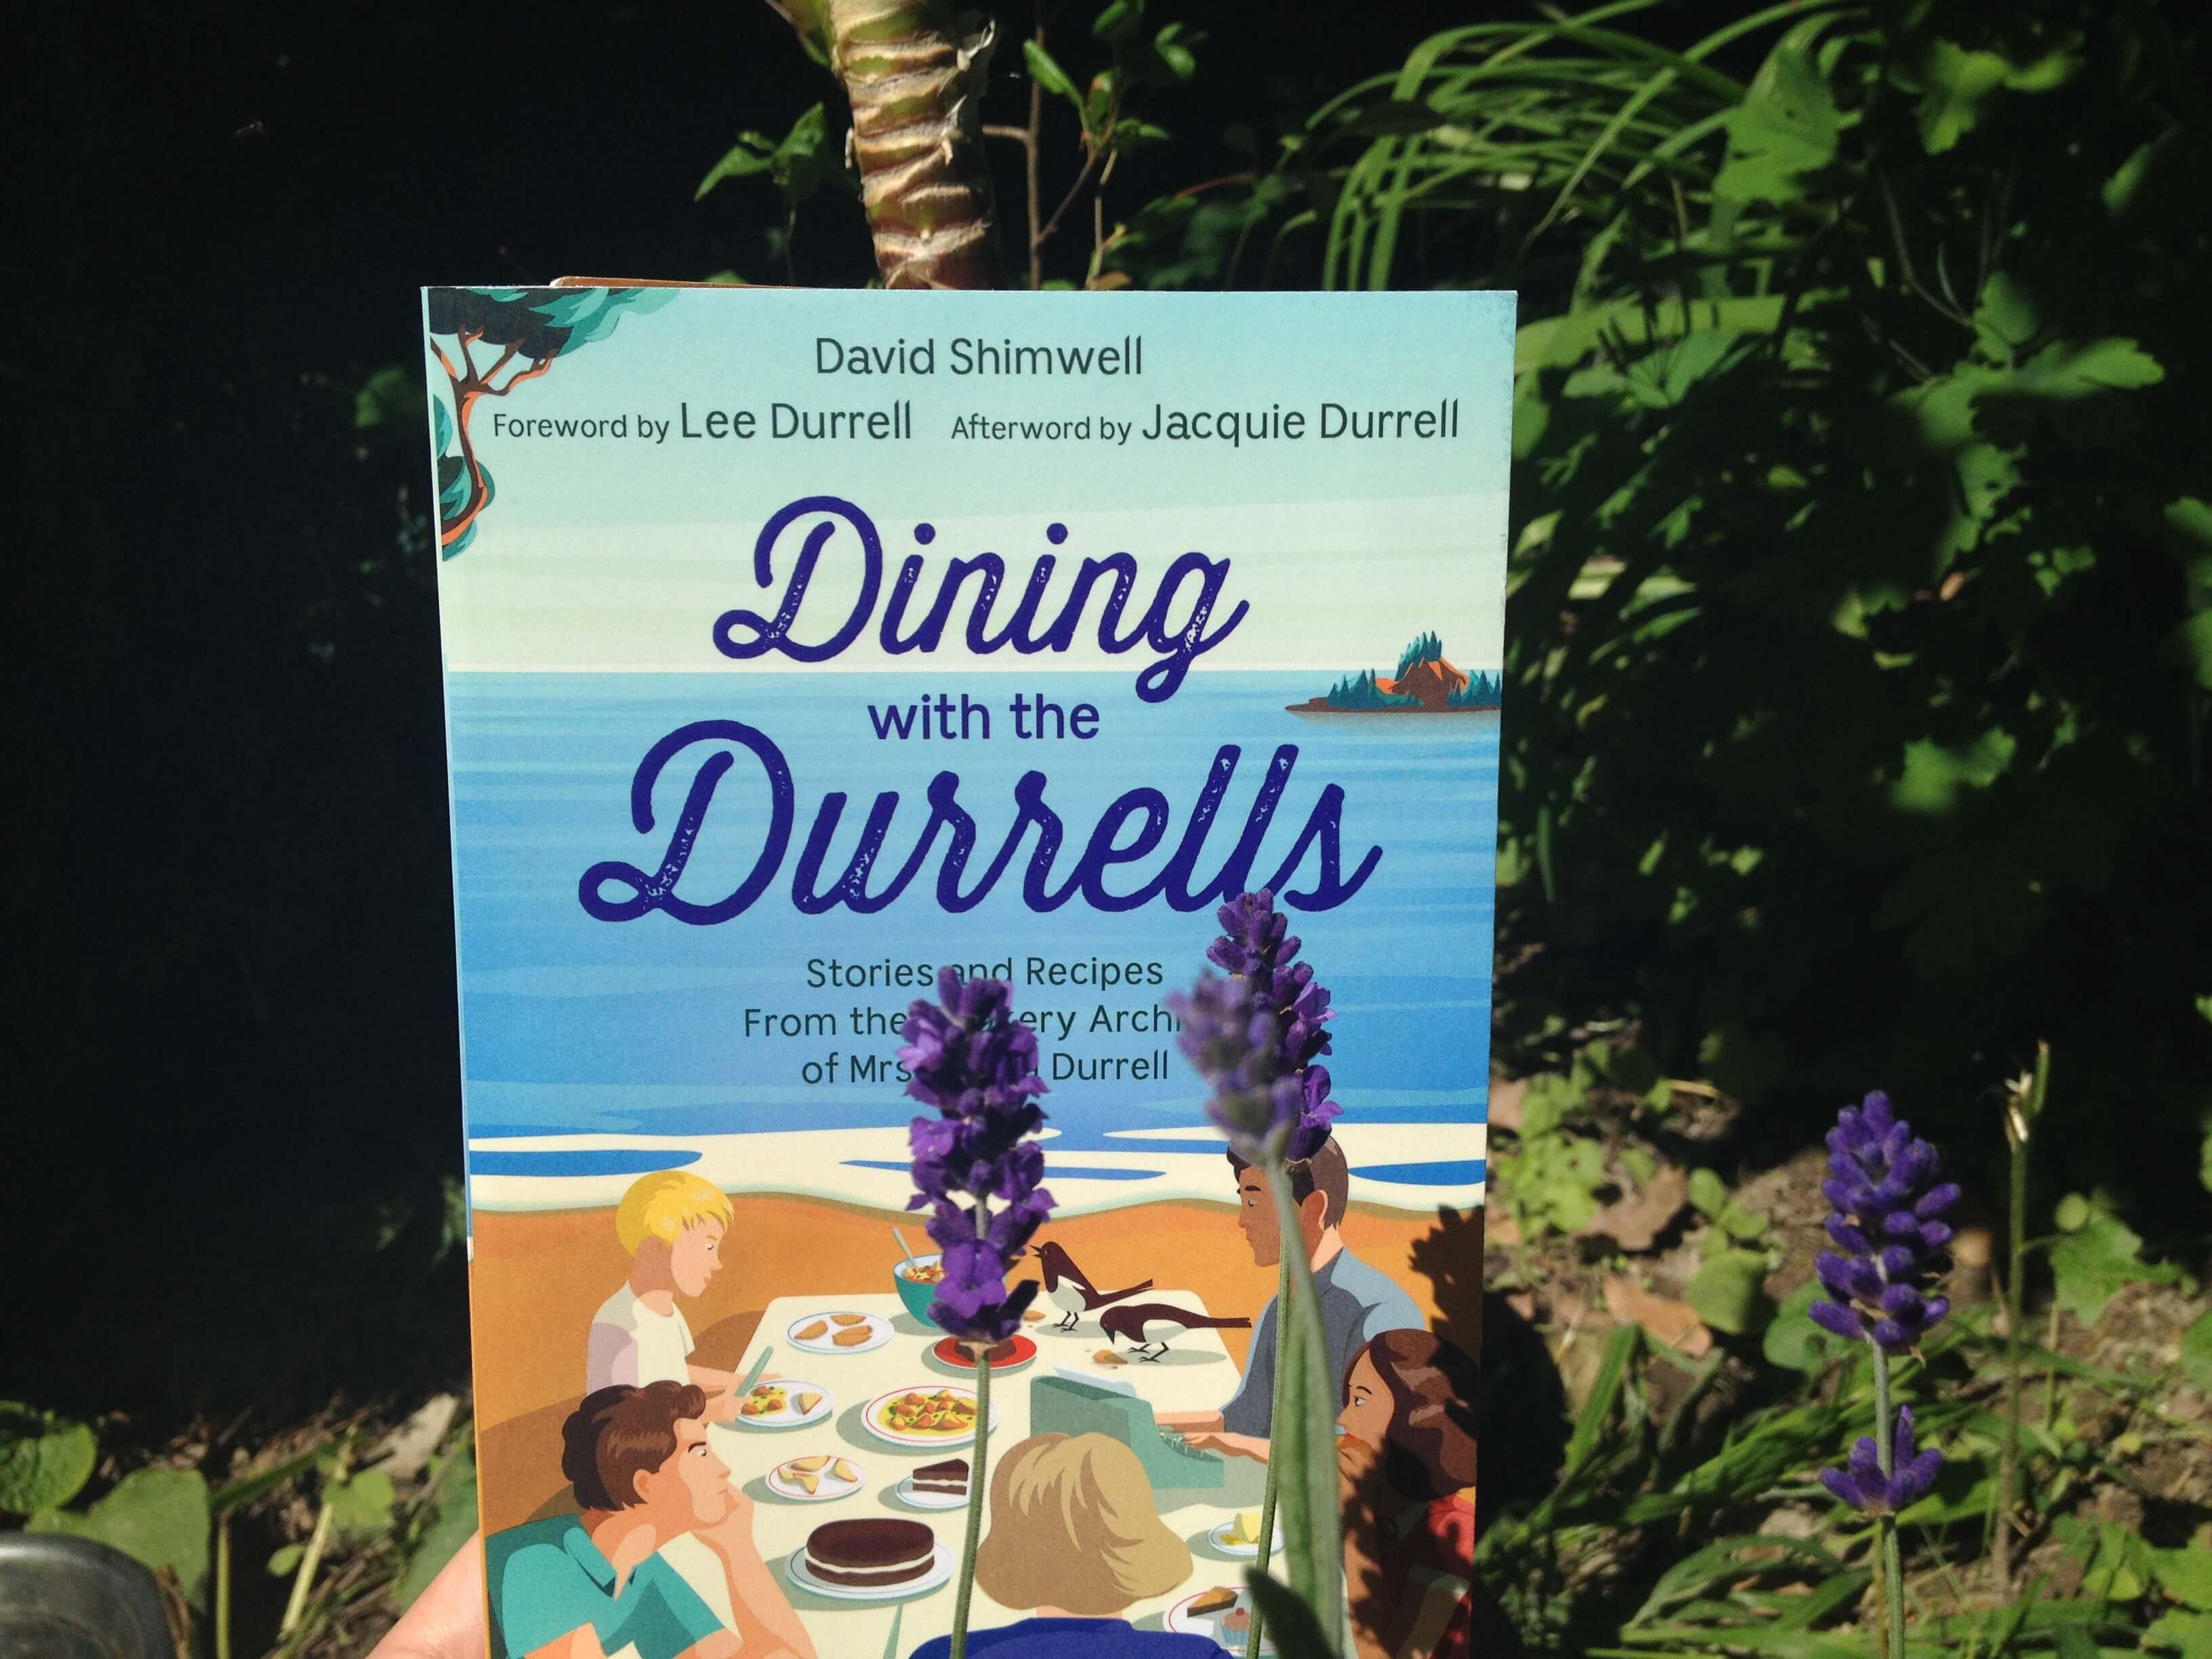 A Dining with the Durrells betekintést nyújt a családi receptgyűjteménybe